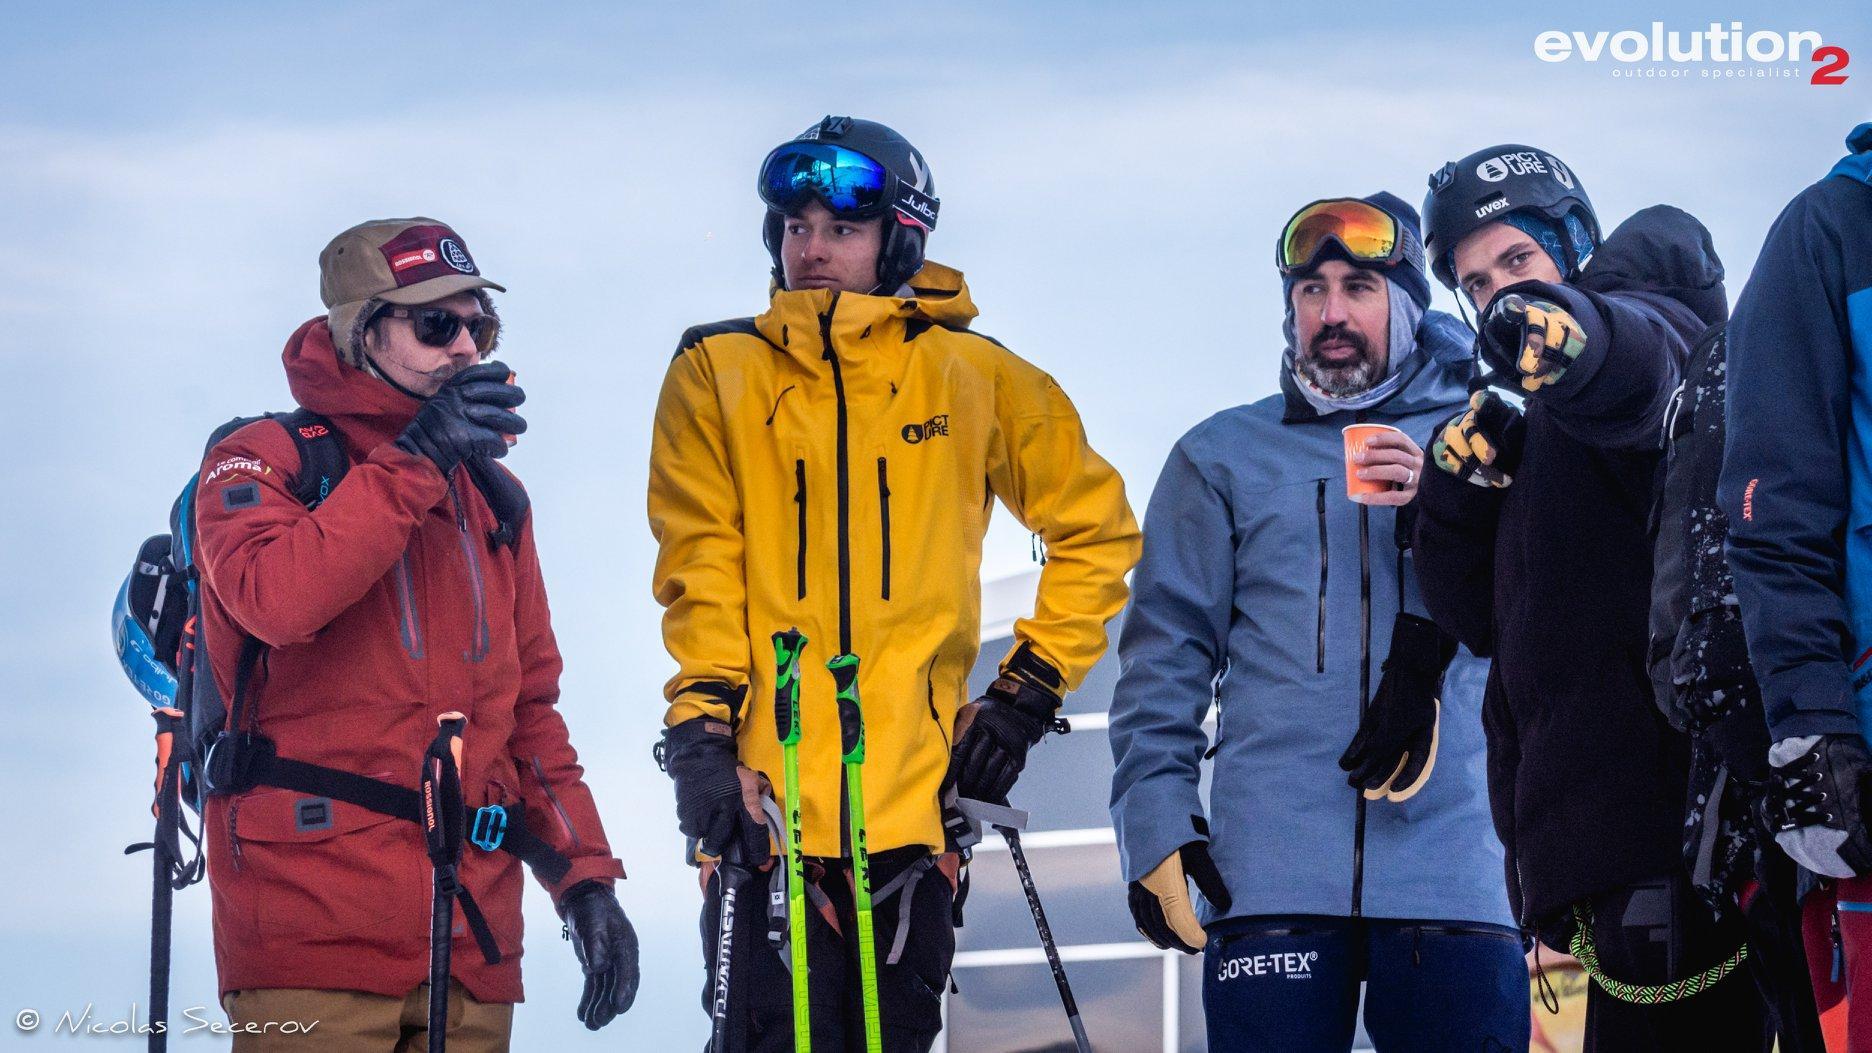 Cours de ski Adultes - Matin - Arc 1800